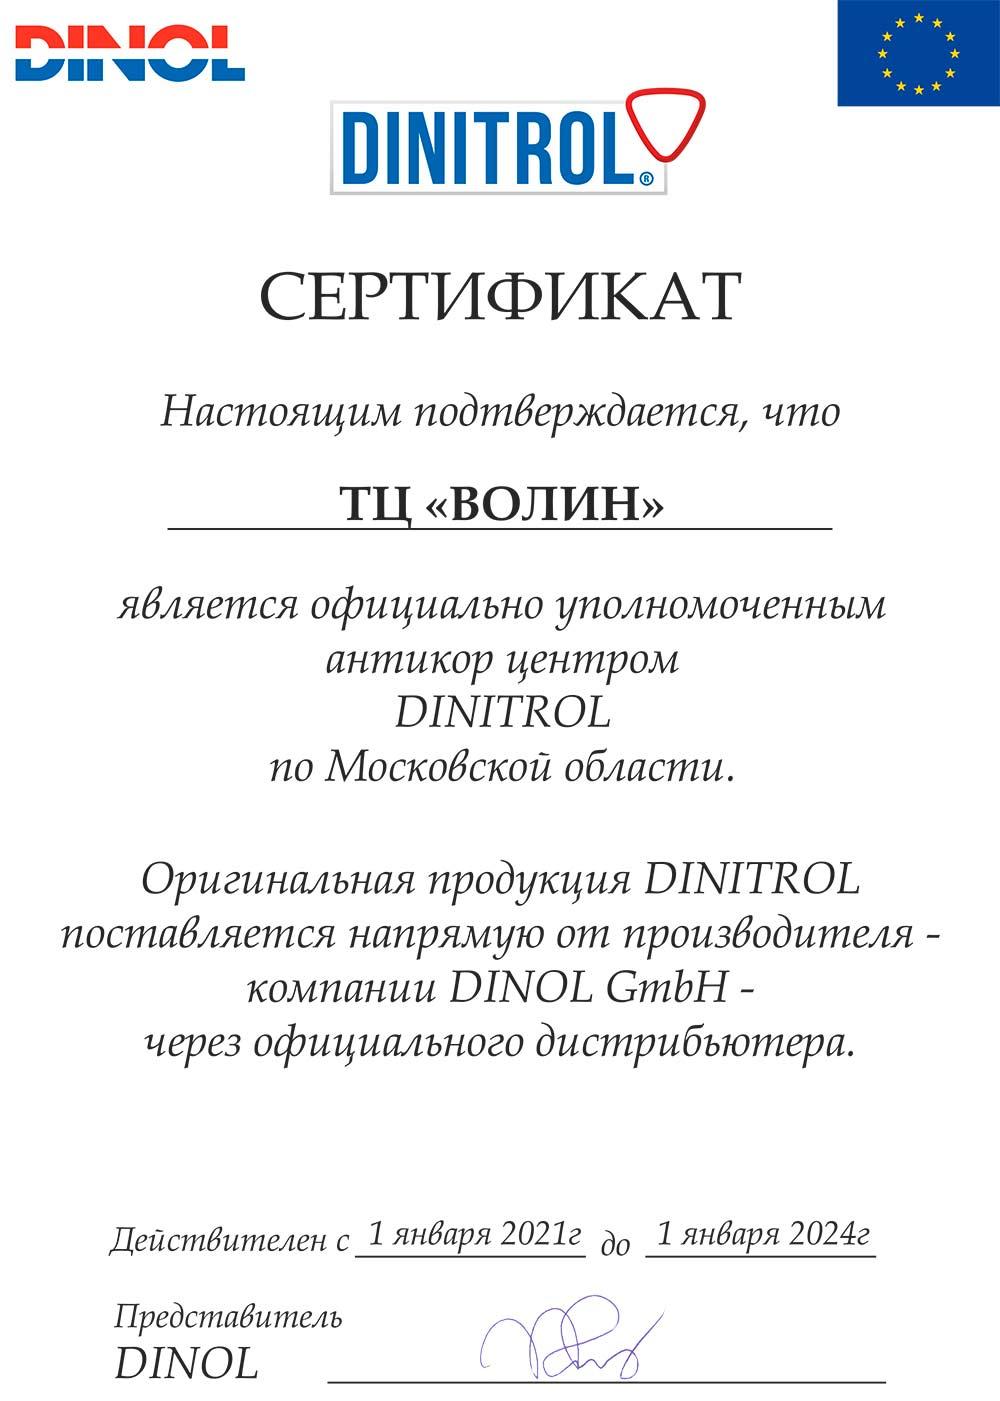 Сертификат официально уполномоченного центра антикоррозийной обработки компании DINITROL